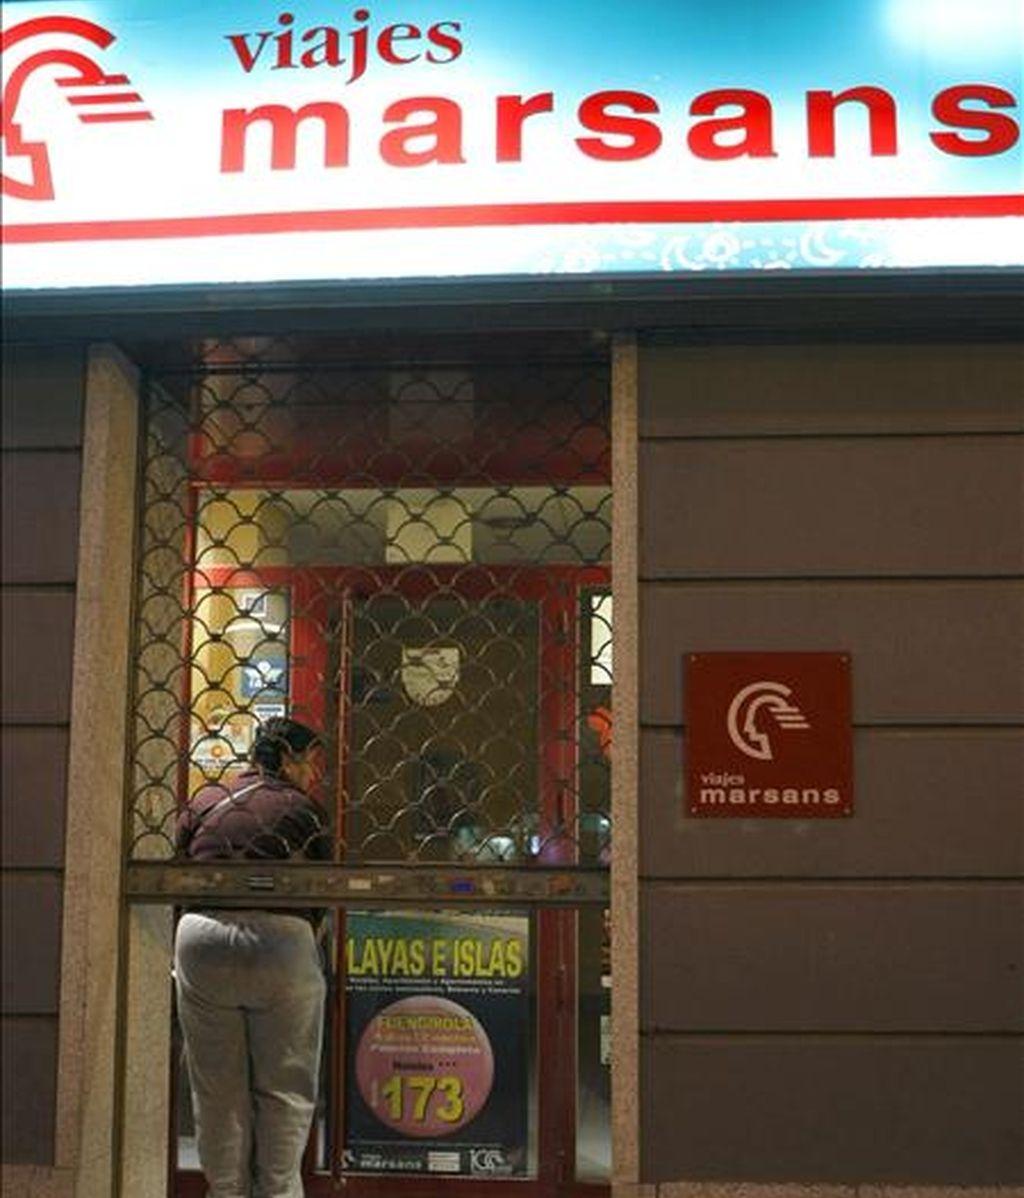 Vista de la fachada de una Agencia de Viajes Marsans en el centro de Madrid. EFE/Archivo